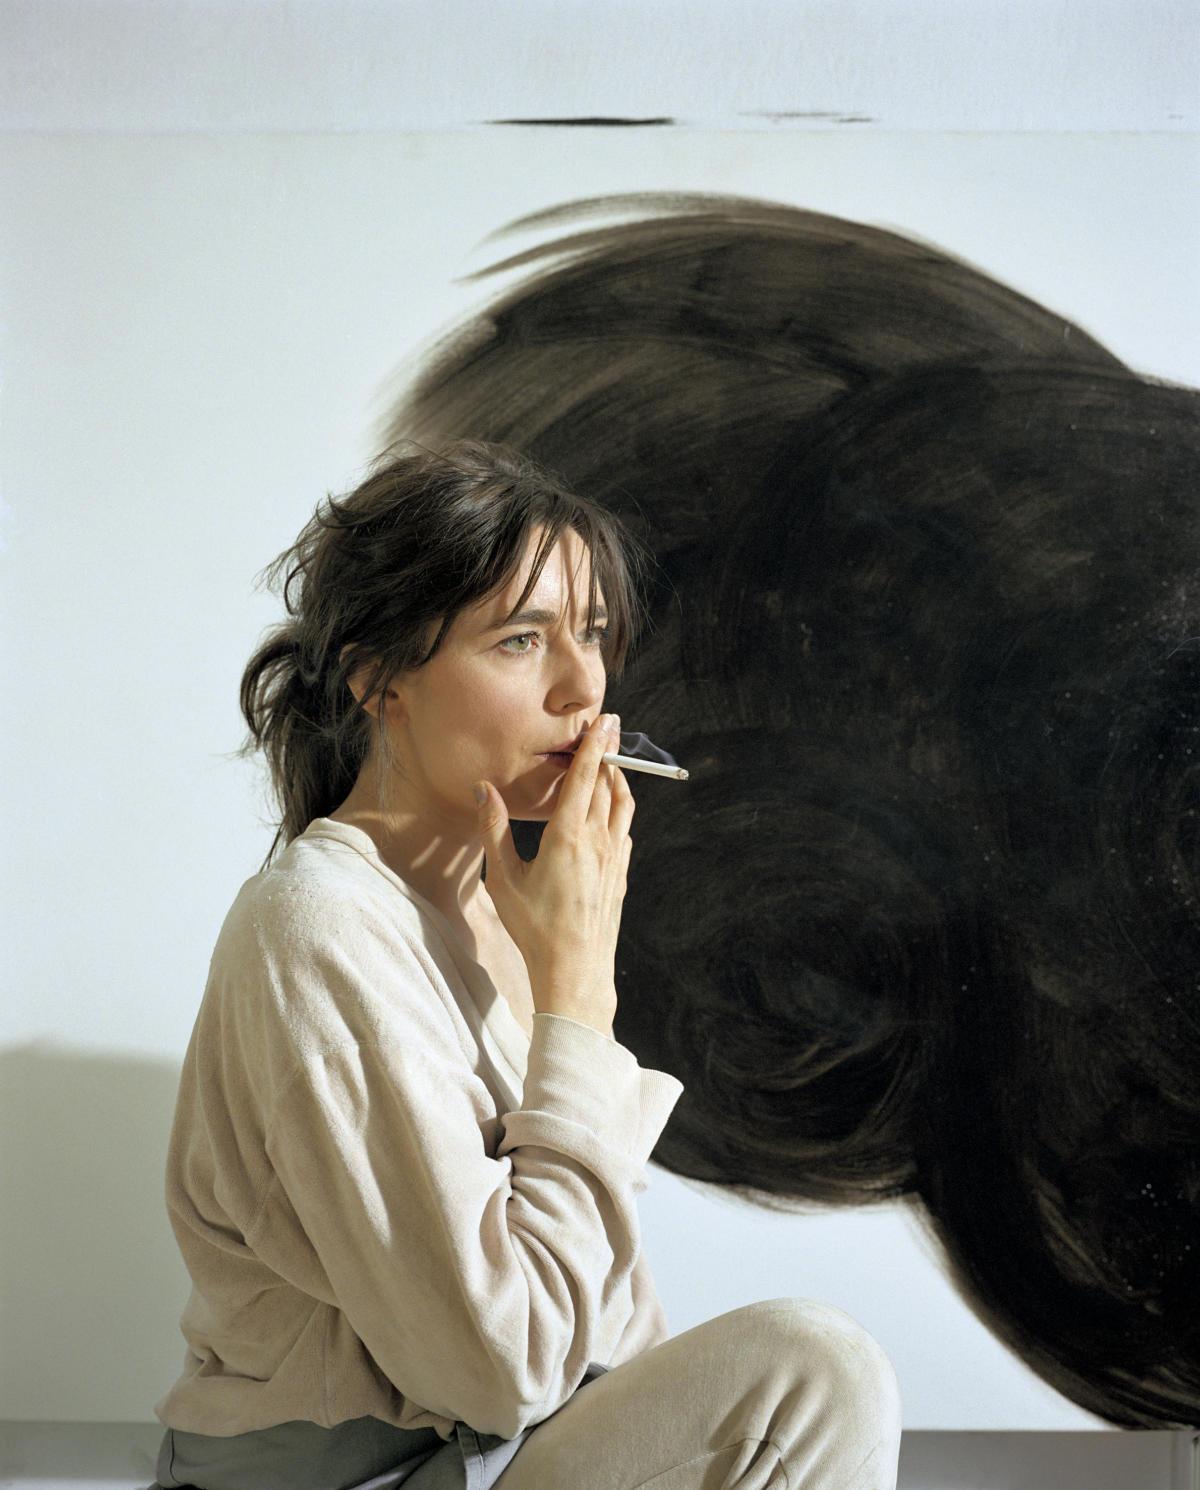 Zawsze chciałem być artystą, alemogę onich tylkopisać: Agnieszka Brzeżańska